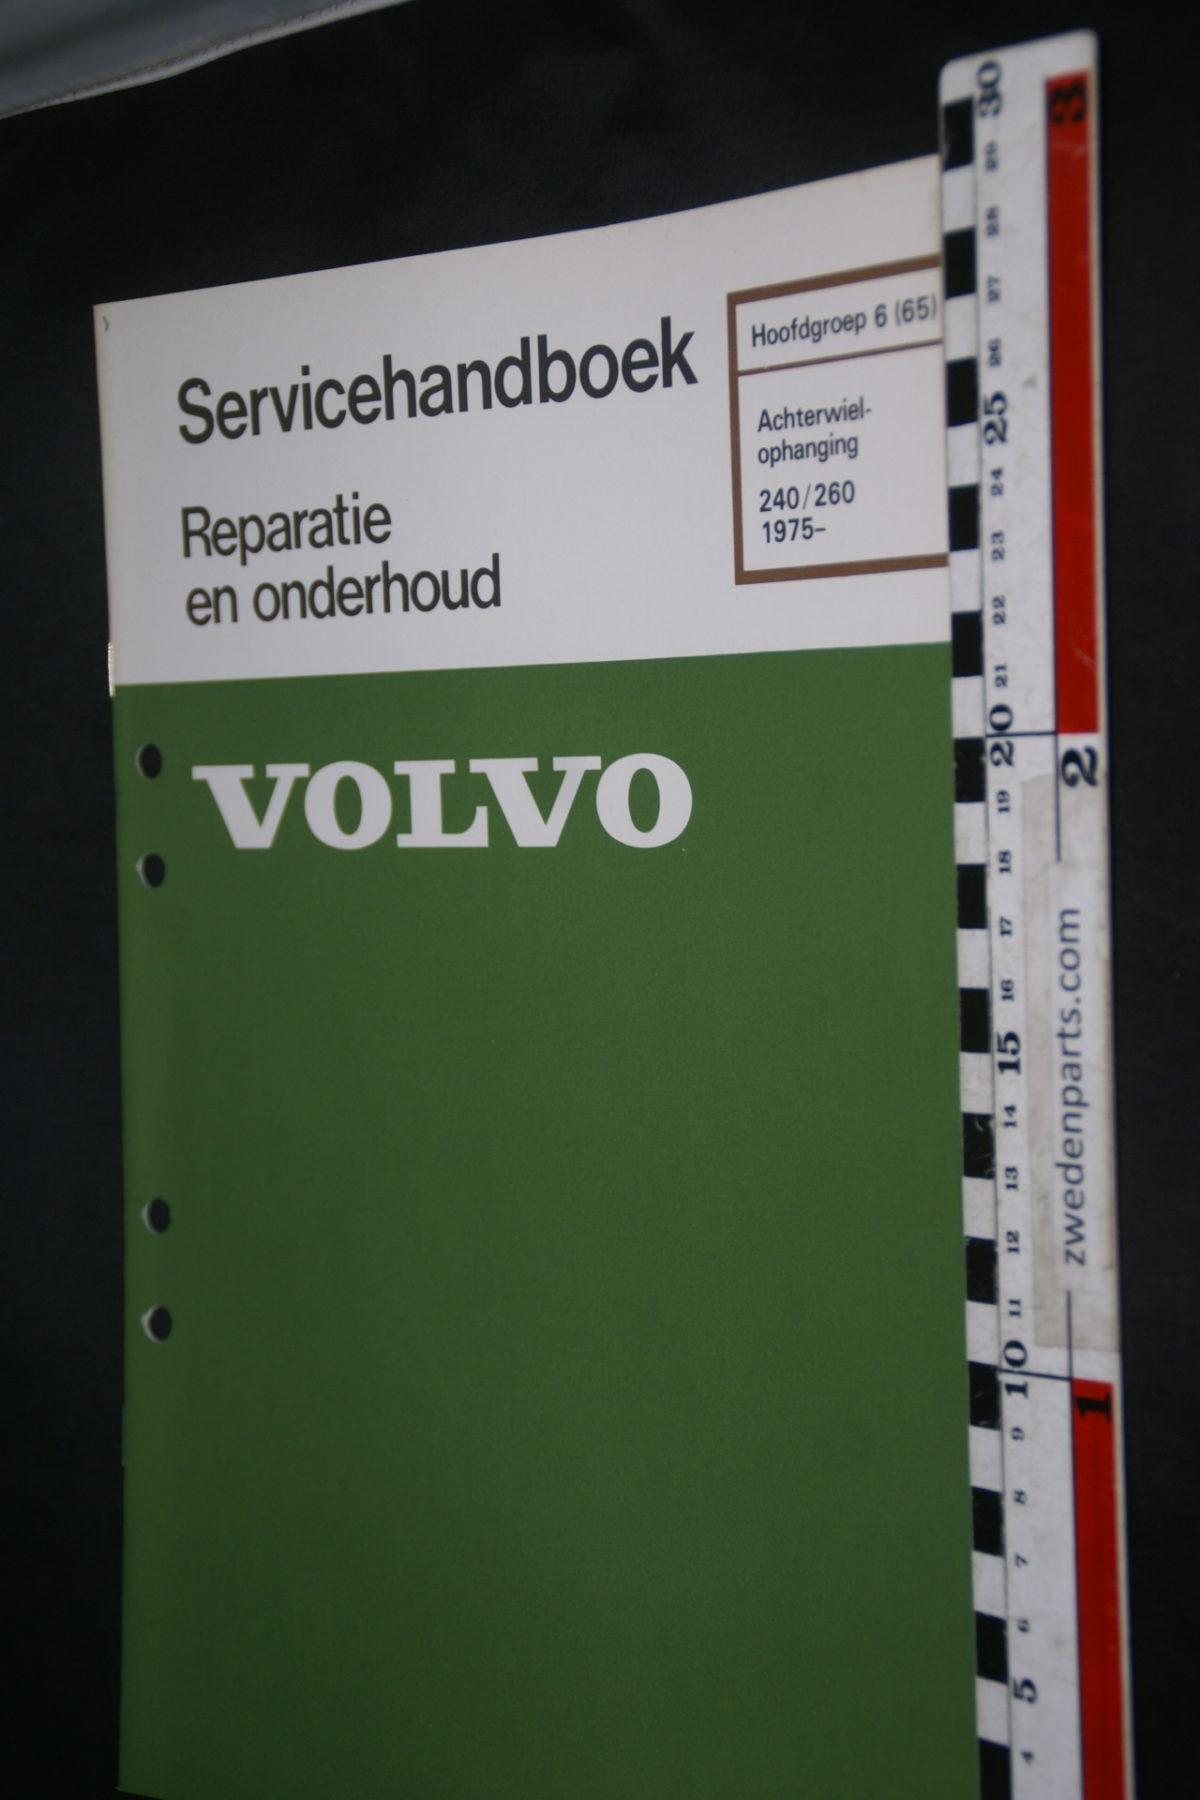 DSC08626 1980 origineel Volvo 240, 60 servicehandboek  6 (65) achterwielophanging 1 van 800 TP 30129-1